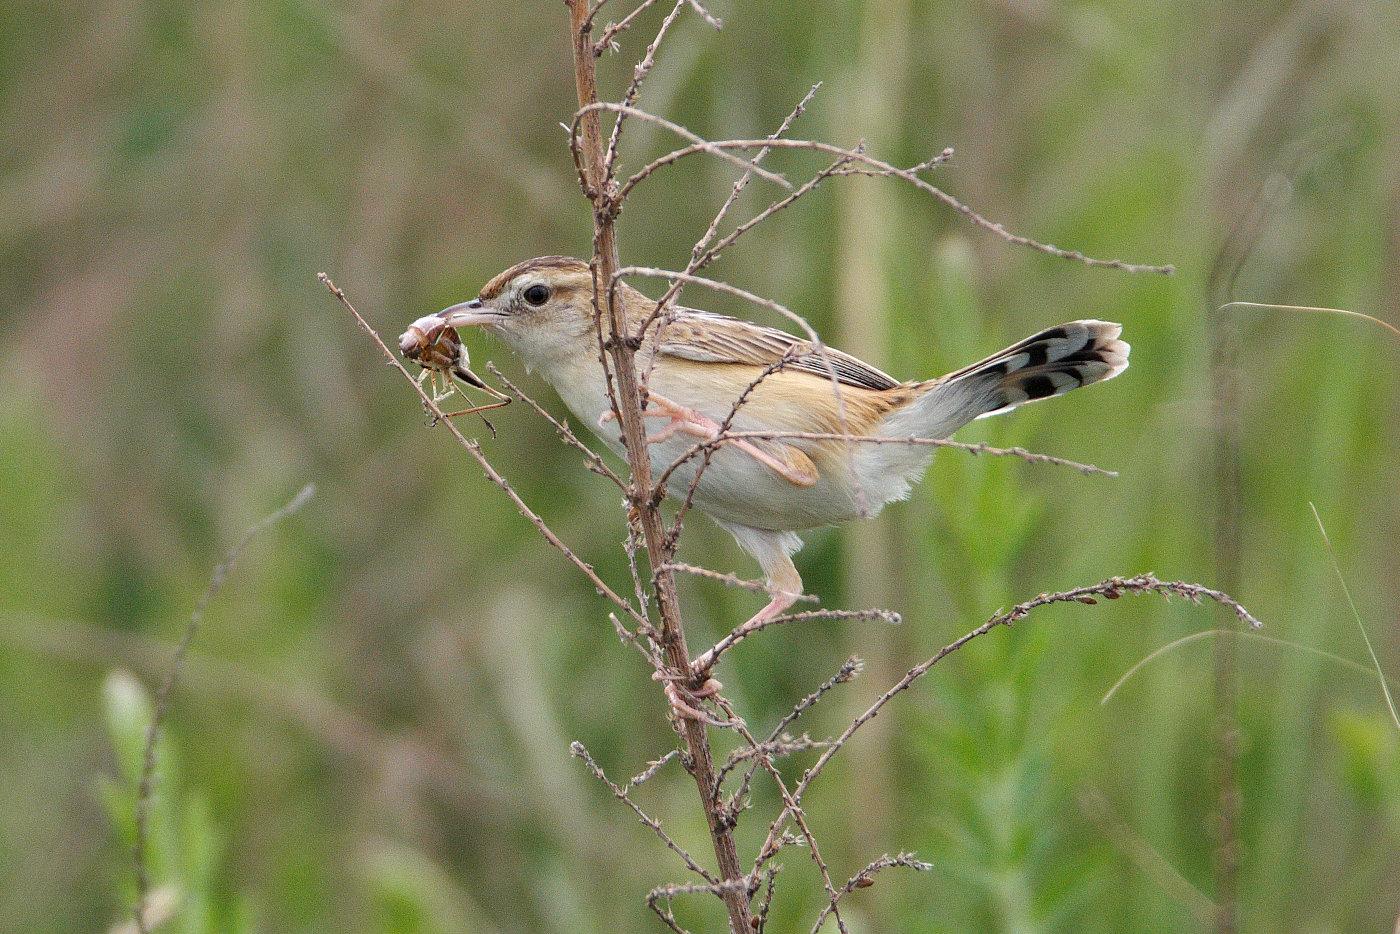 AFボーグ BORG71FLで撮影した野鳥・セッカの食事シーンの写真画像